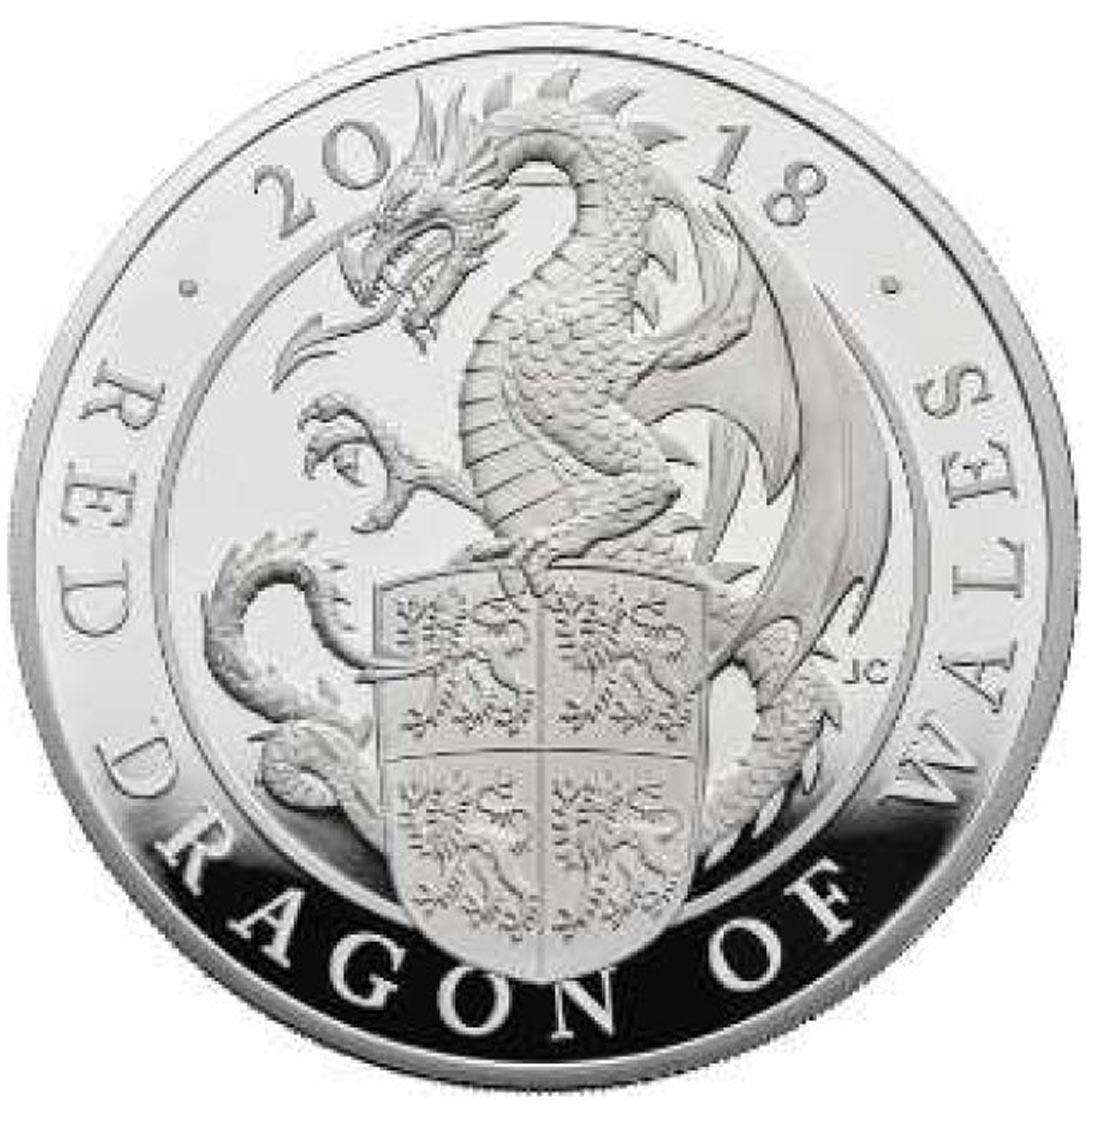 Lieferumfang:Großbritannien : 500 Pfund The Queen's Beasts Der rote Drache von Wales  2018 PP